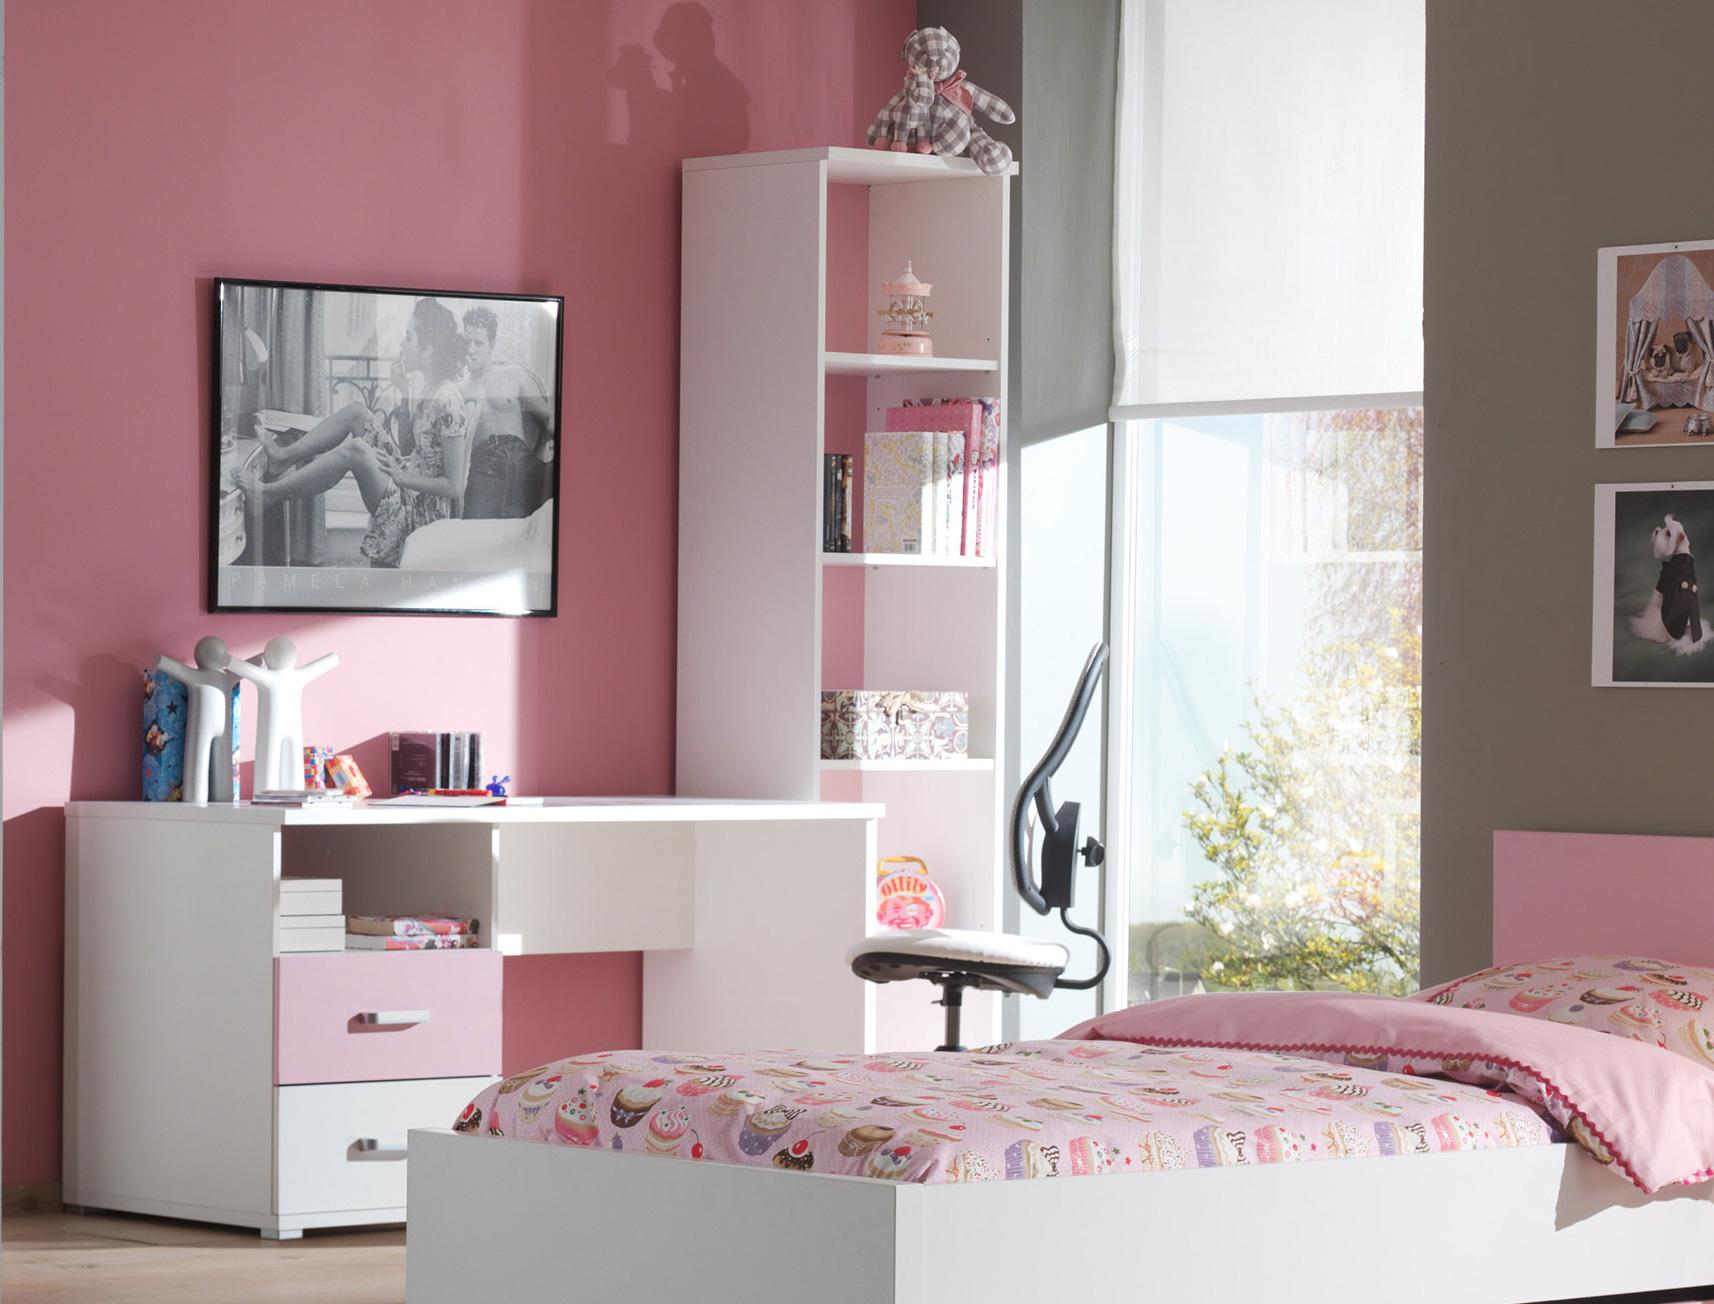 Bureau rose et blanc valentine